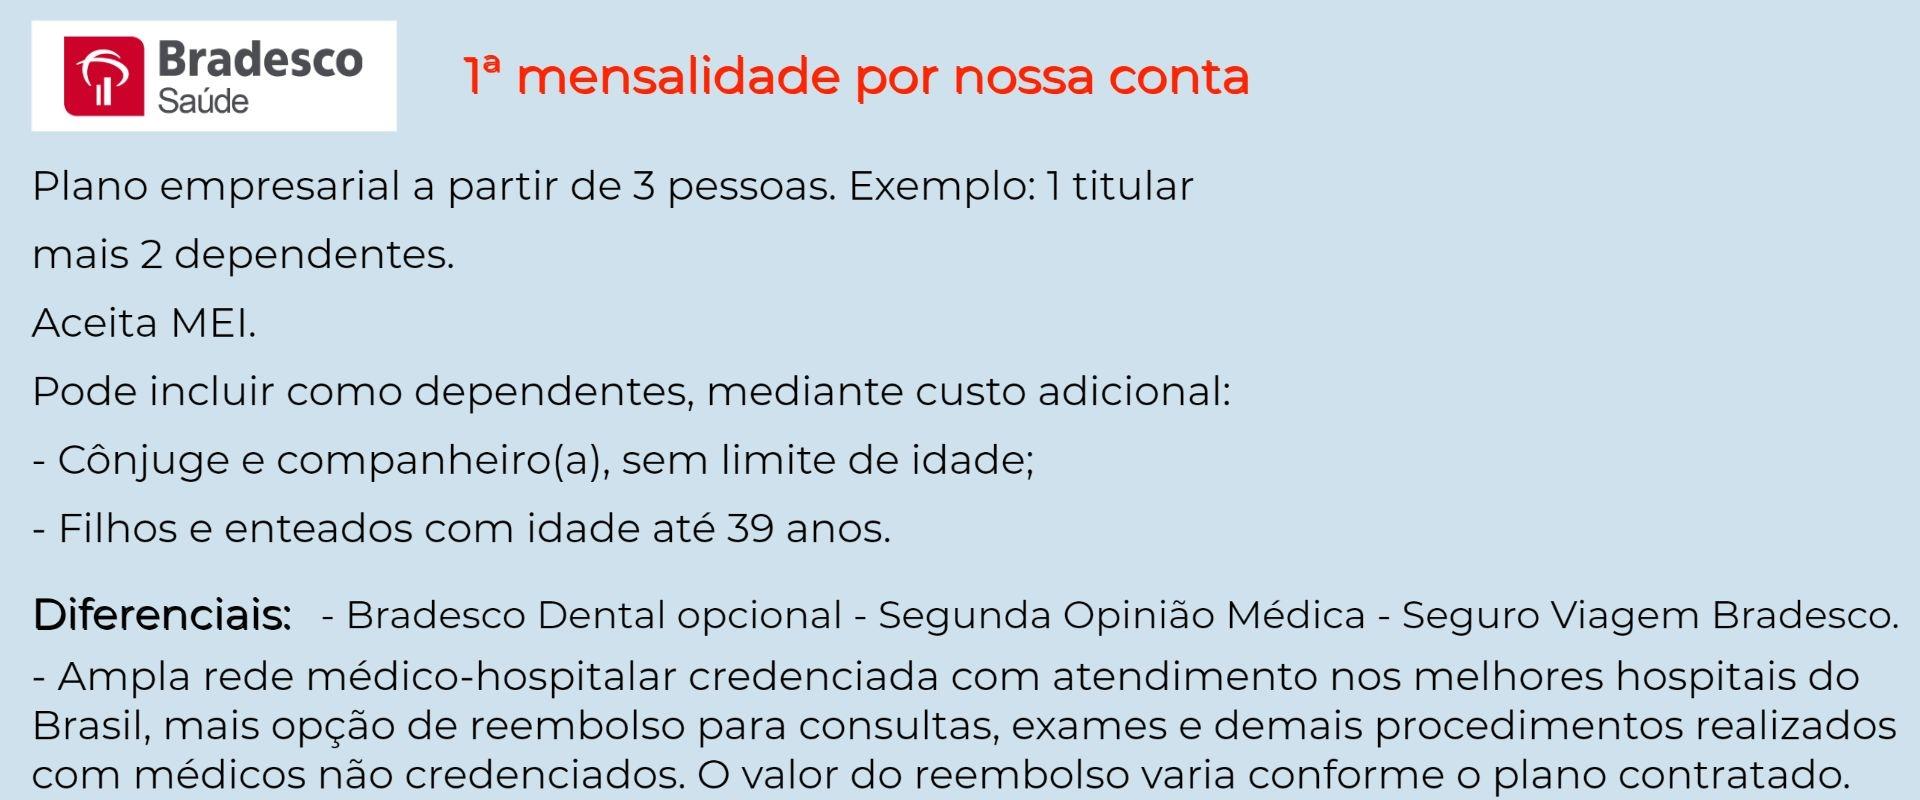 Bradesco Saúde Empresarial - Araçoiaba da Serra